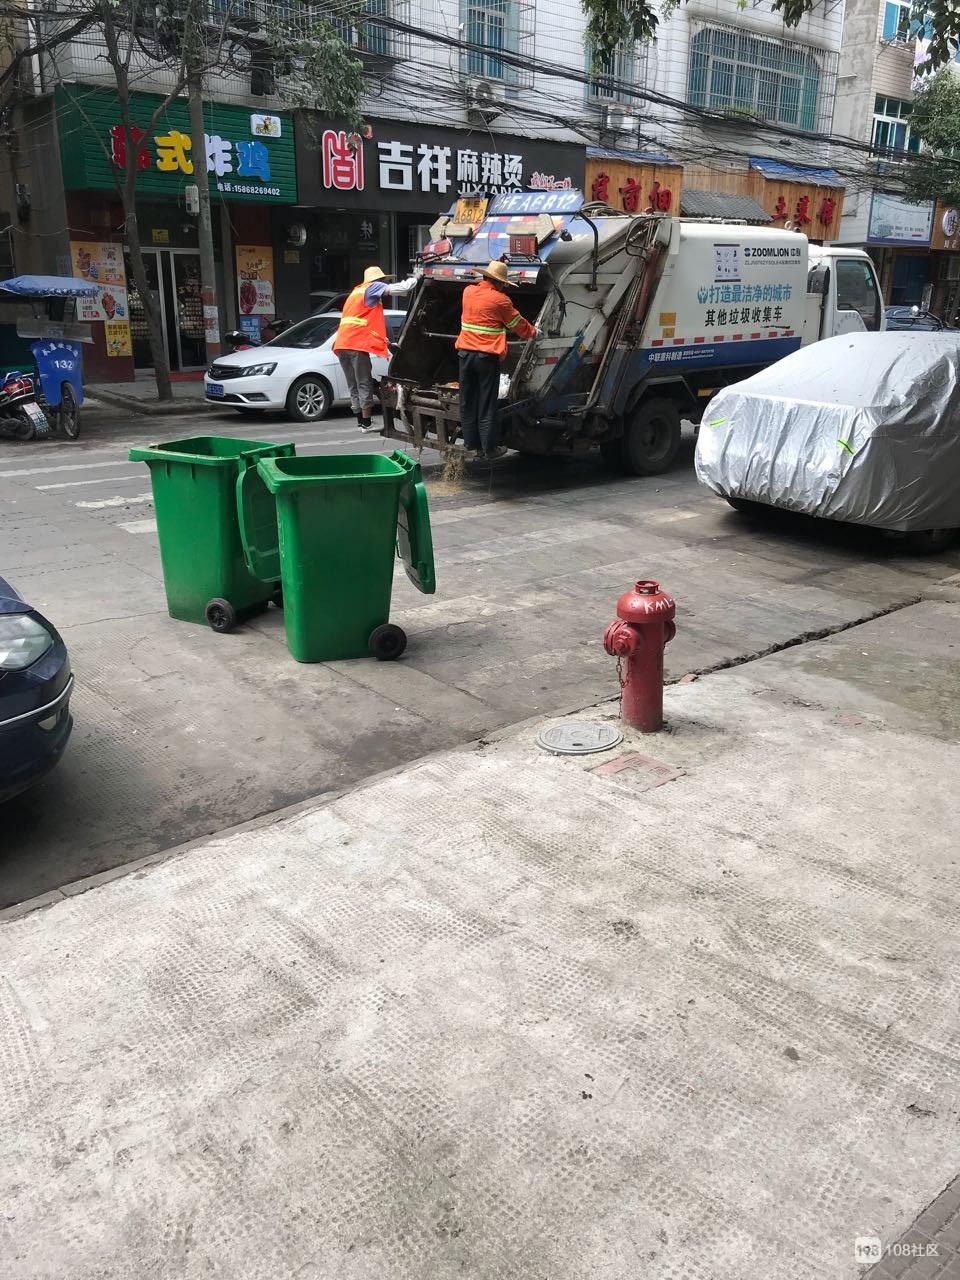 垃圾车一来私营城倒垃圾,整条街就恶臭熏天,闻到恶心要吐